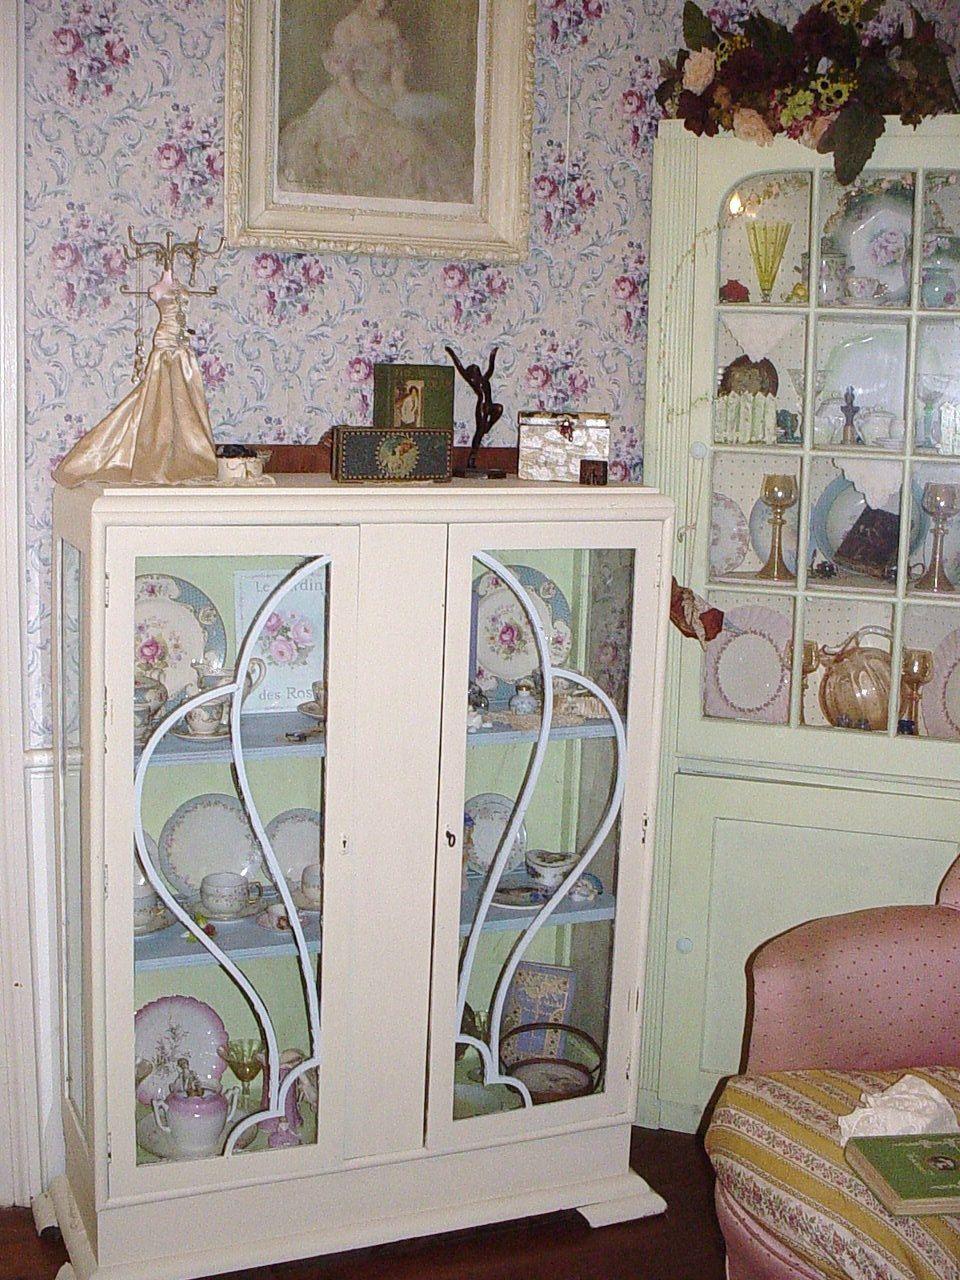 Vintage art deco china cabinet glass doors repainted shabby chic vintage art deco china cabinet glass doors repainted shabby chic cottage fret work upcycled furniture planetlyrics Images